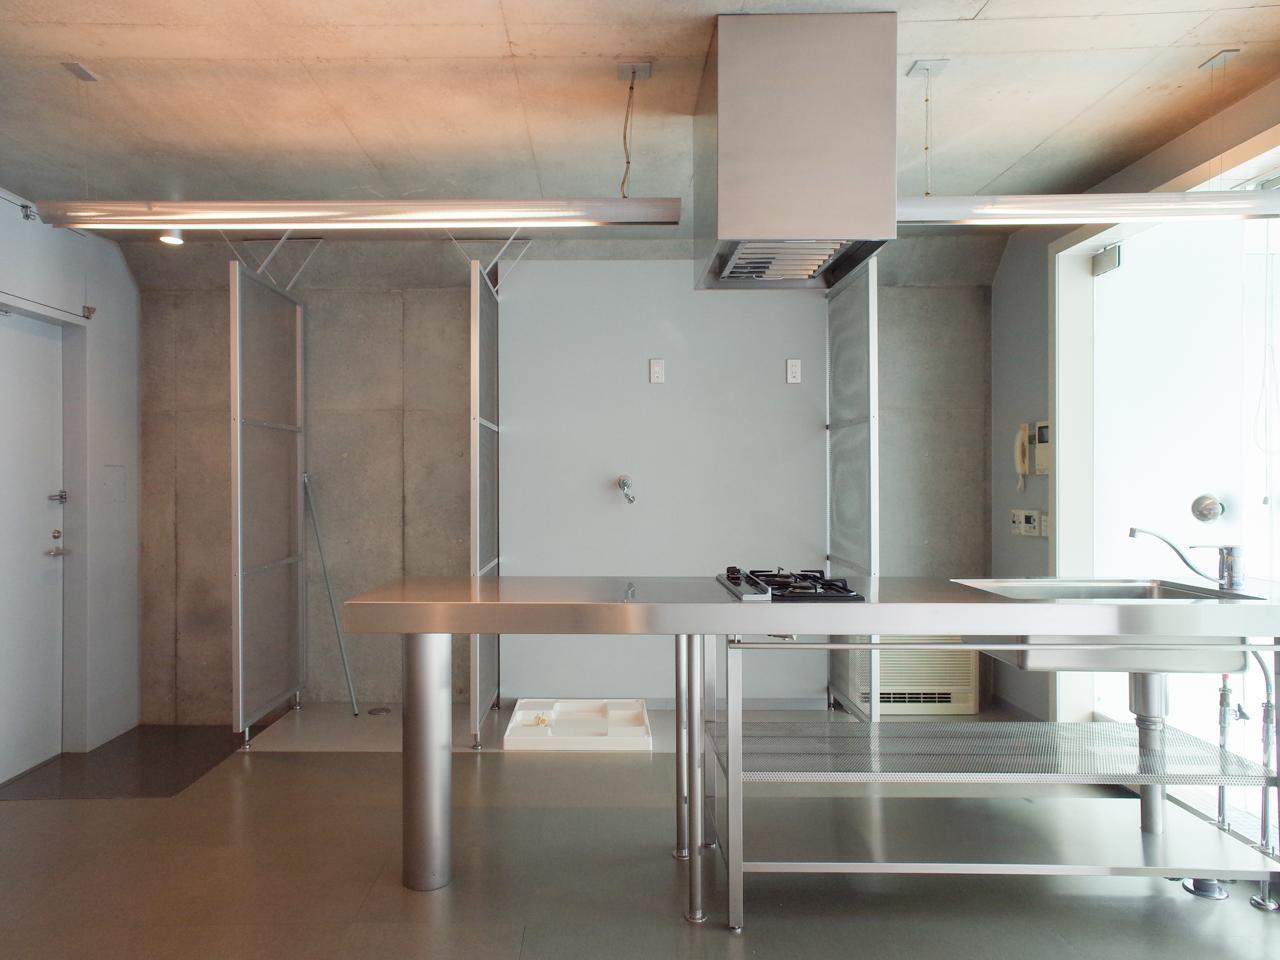 ステンレスのフレームキッチンが空間とマッチ